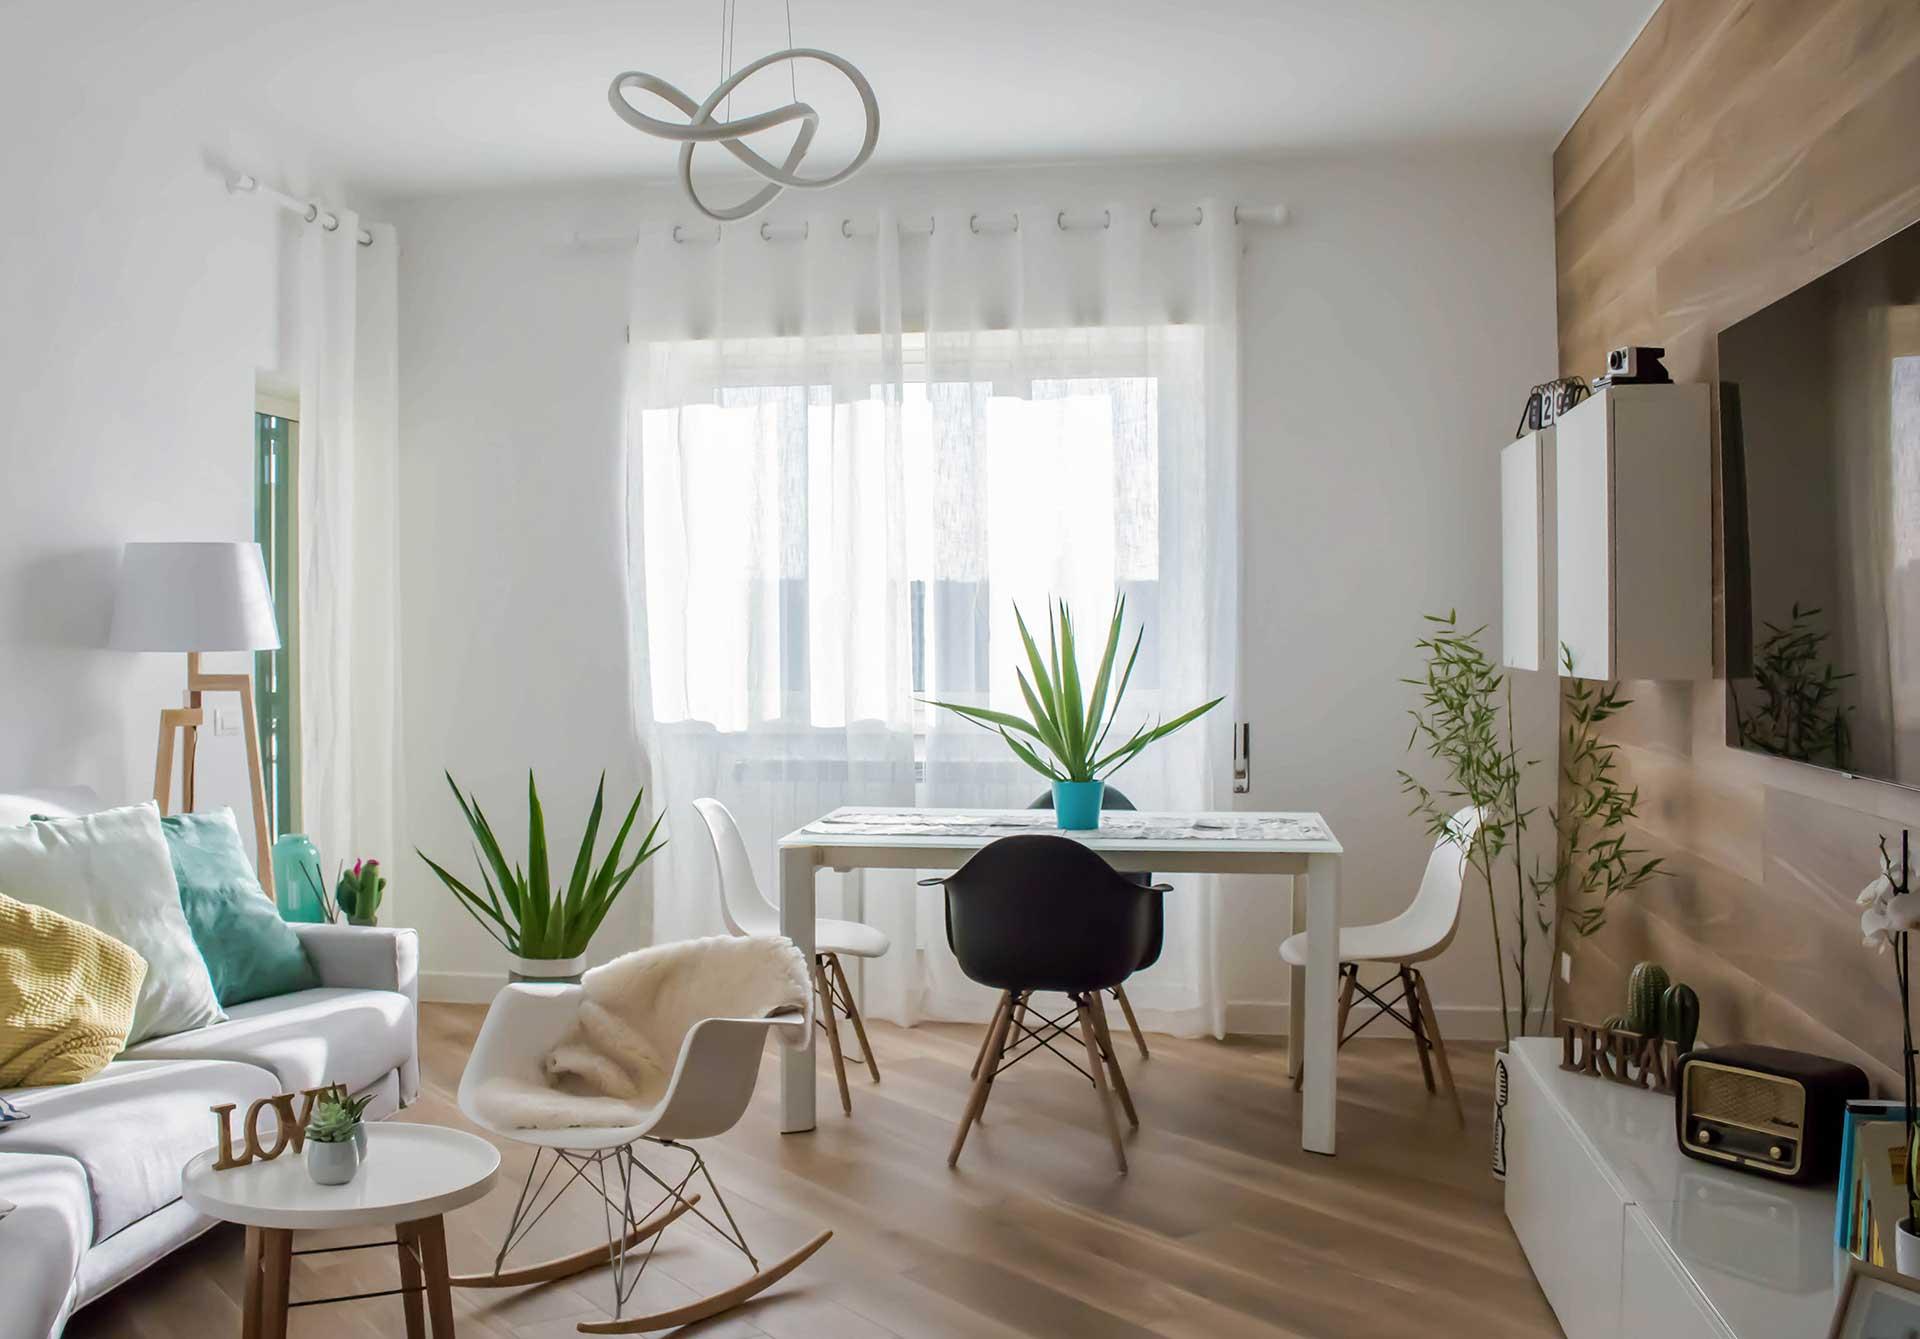 progetto-interior-lz-2019-01